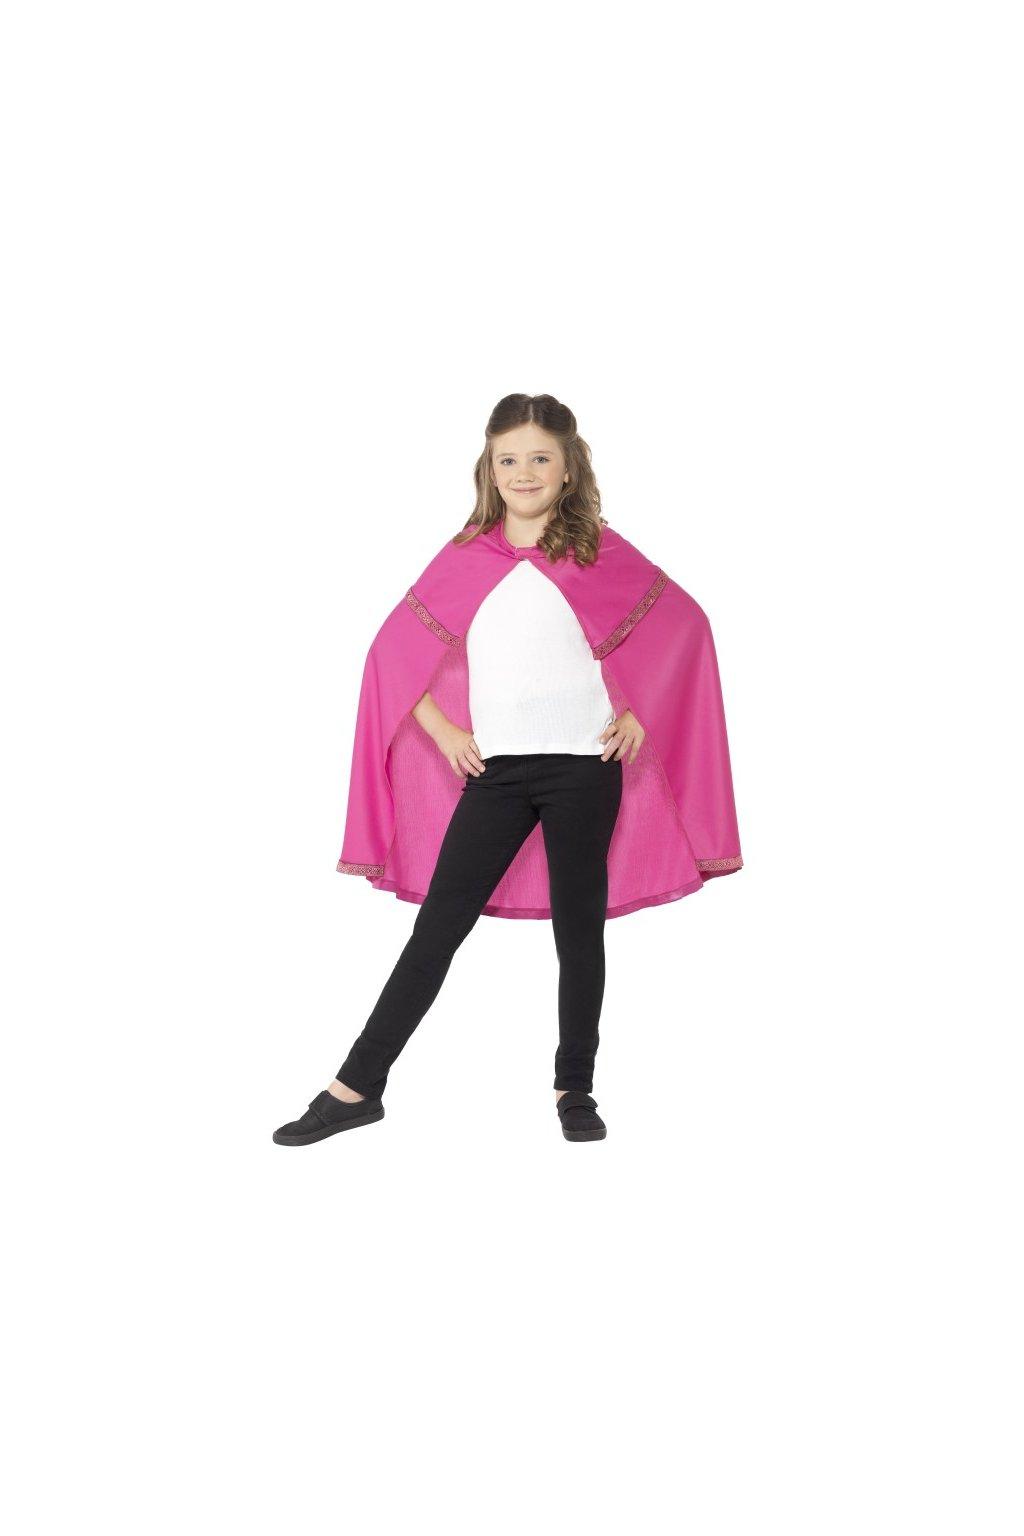 Růžový plášť pro princeznu